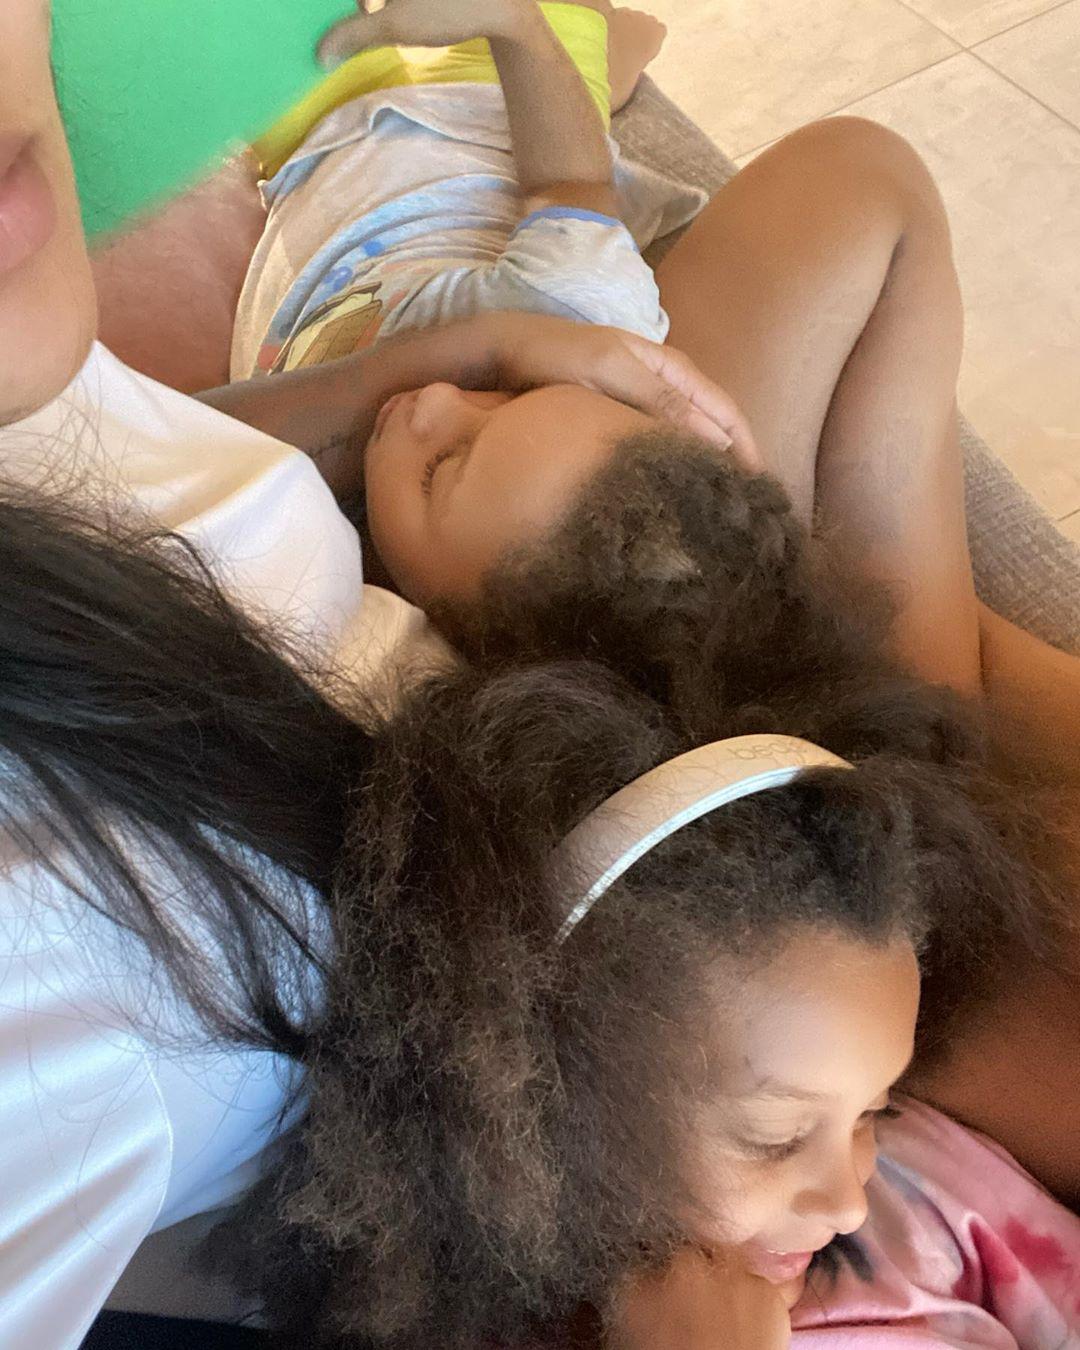 妈妈的小可爱!阿耶莎晒自己抱着女儿的照片:我的宝贝